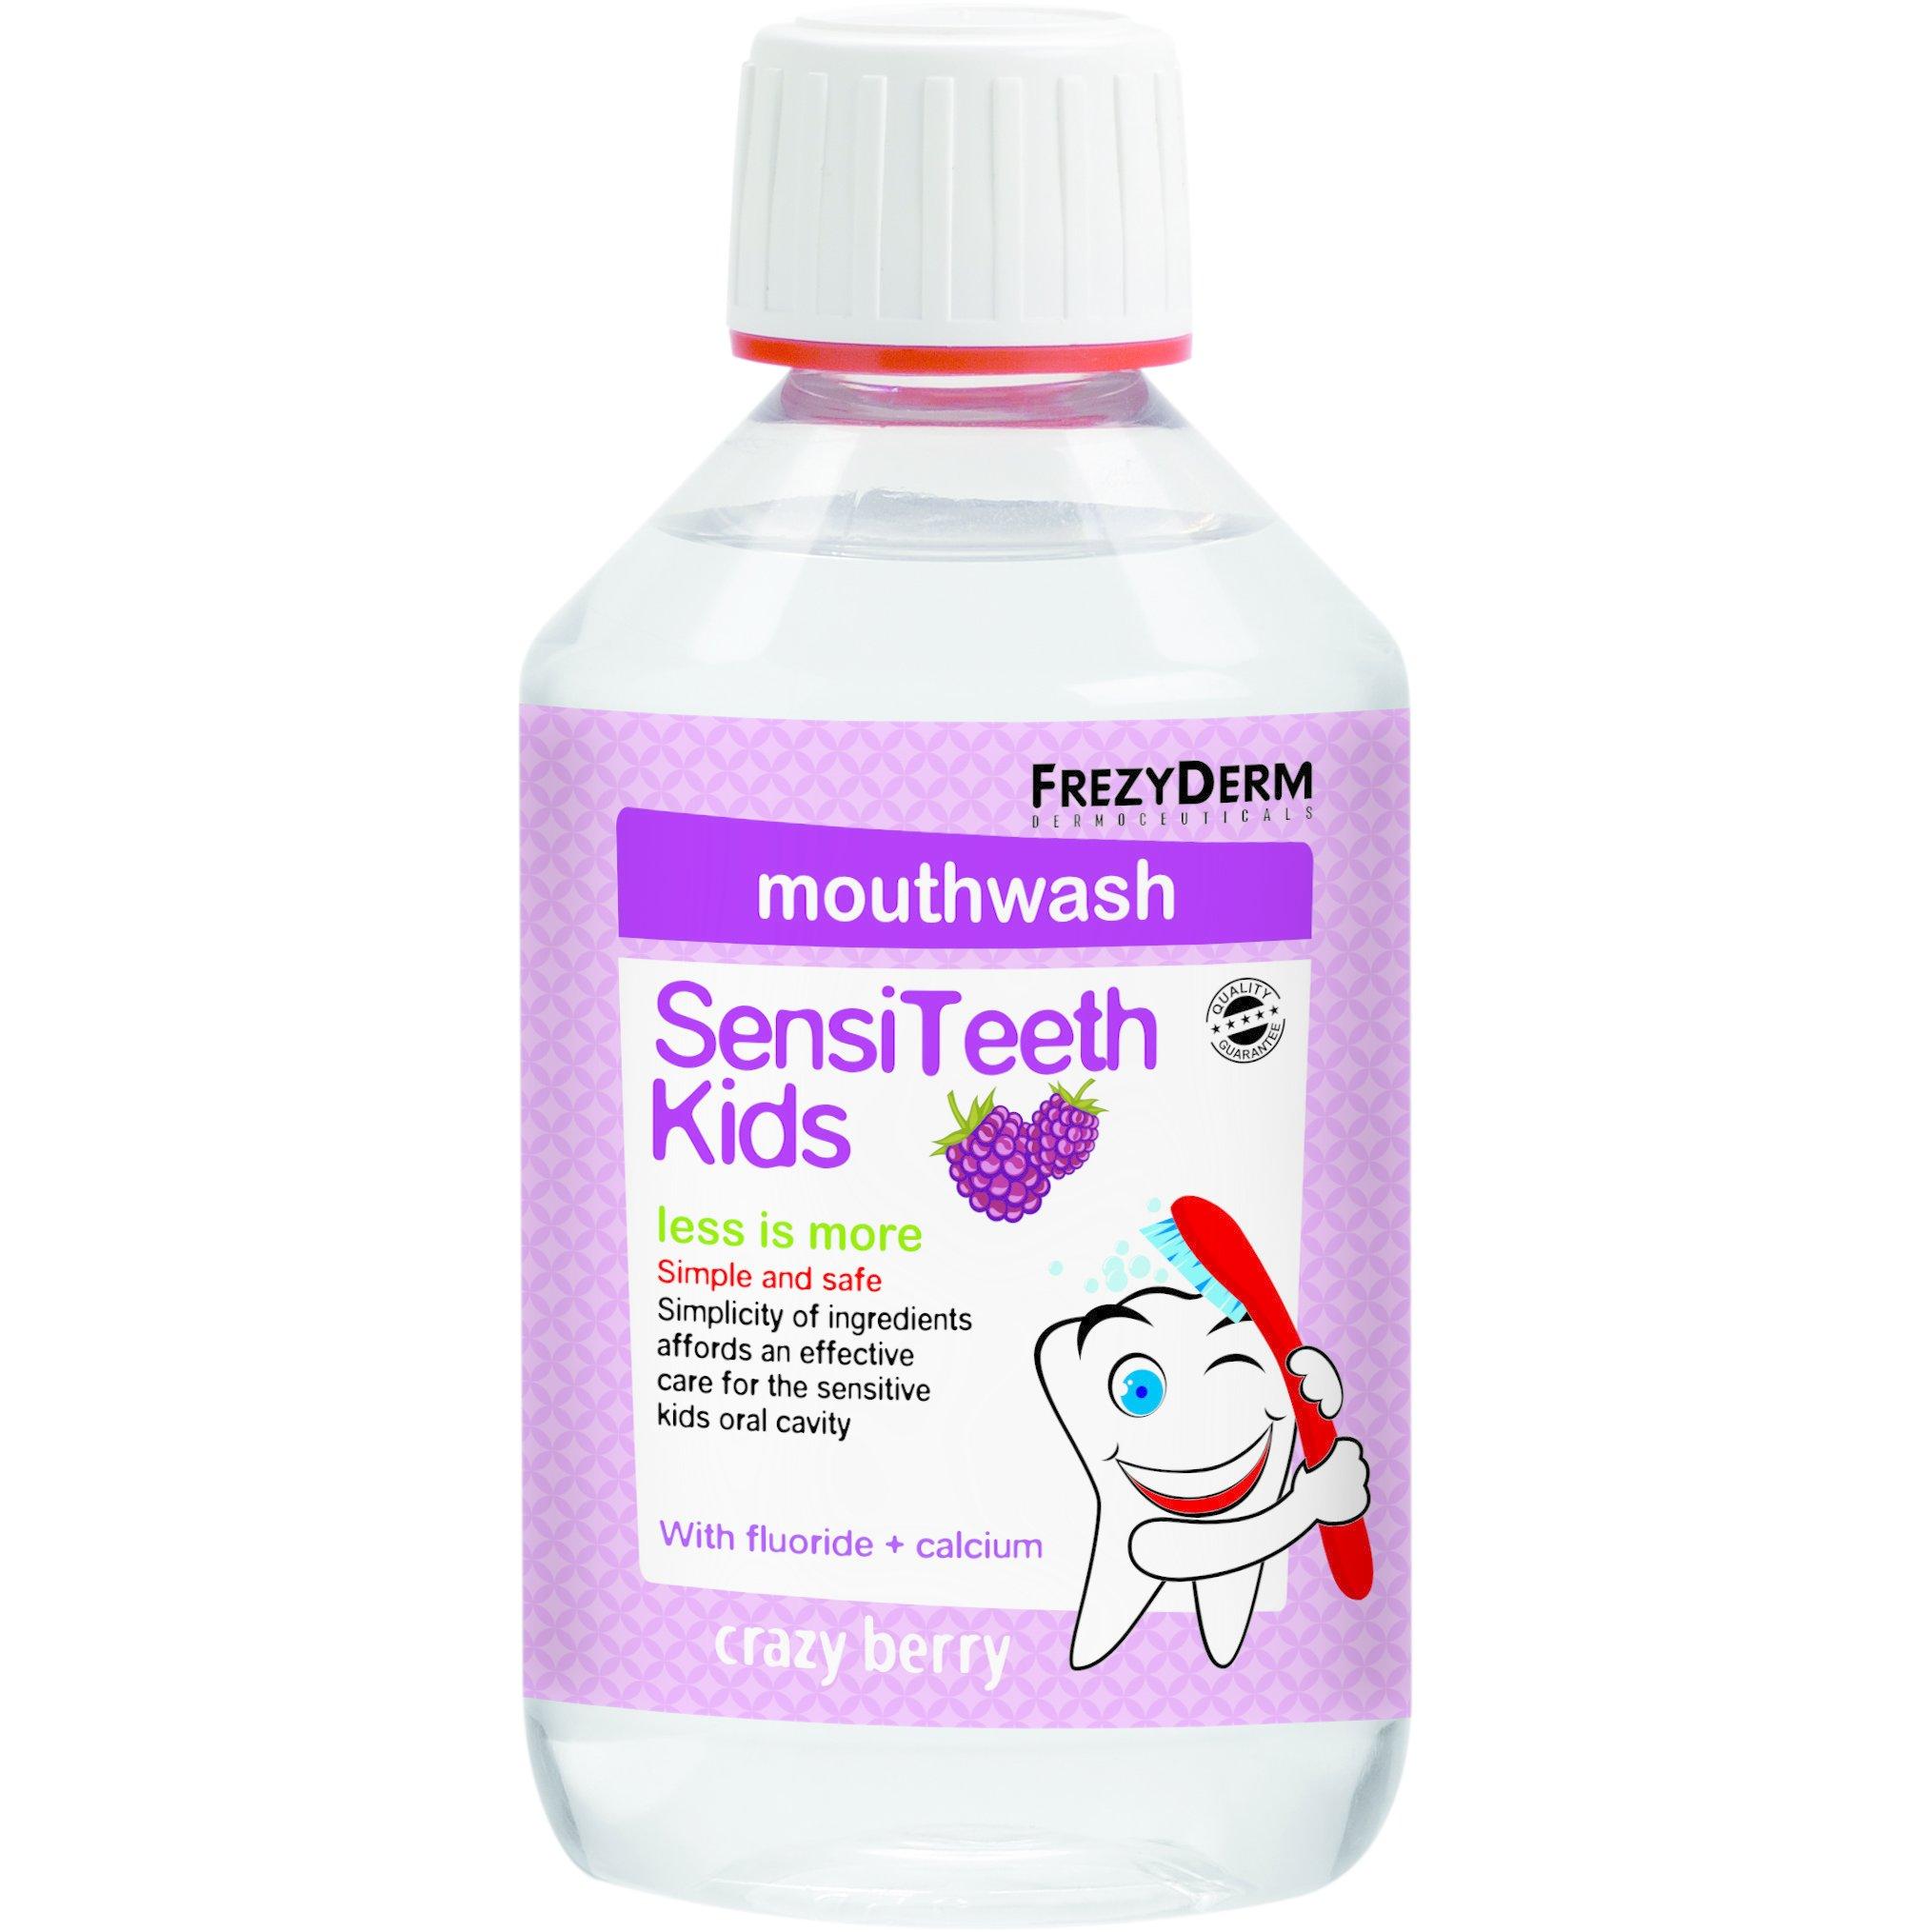 Frezyderm SensiTeeth Kids Mouthwash Στοματικό Διάλυμα Κατά της Τερηδόνας για Παιδιά από 3 Ετών με Φθόριο 100ppm & Ασβέστιο 250ml